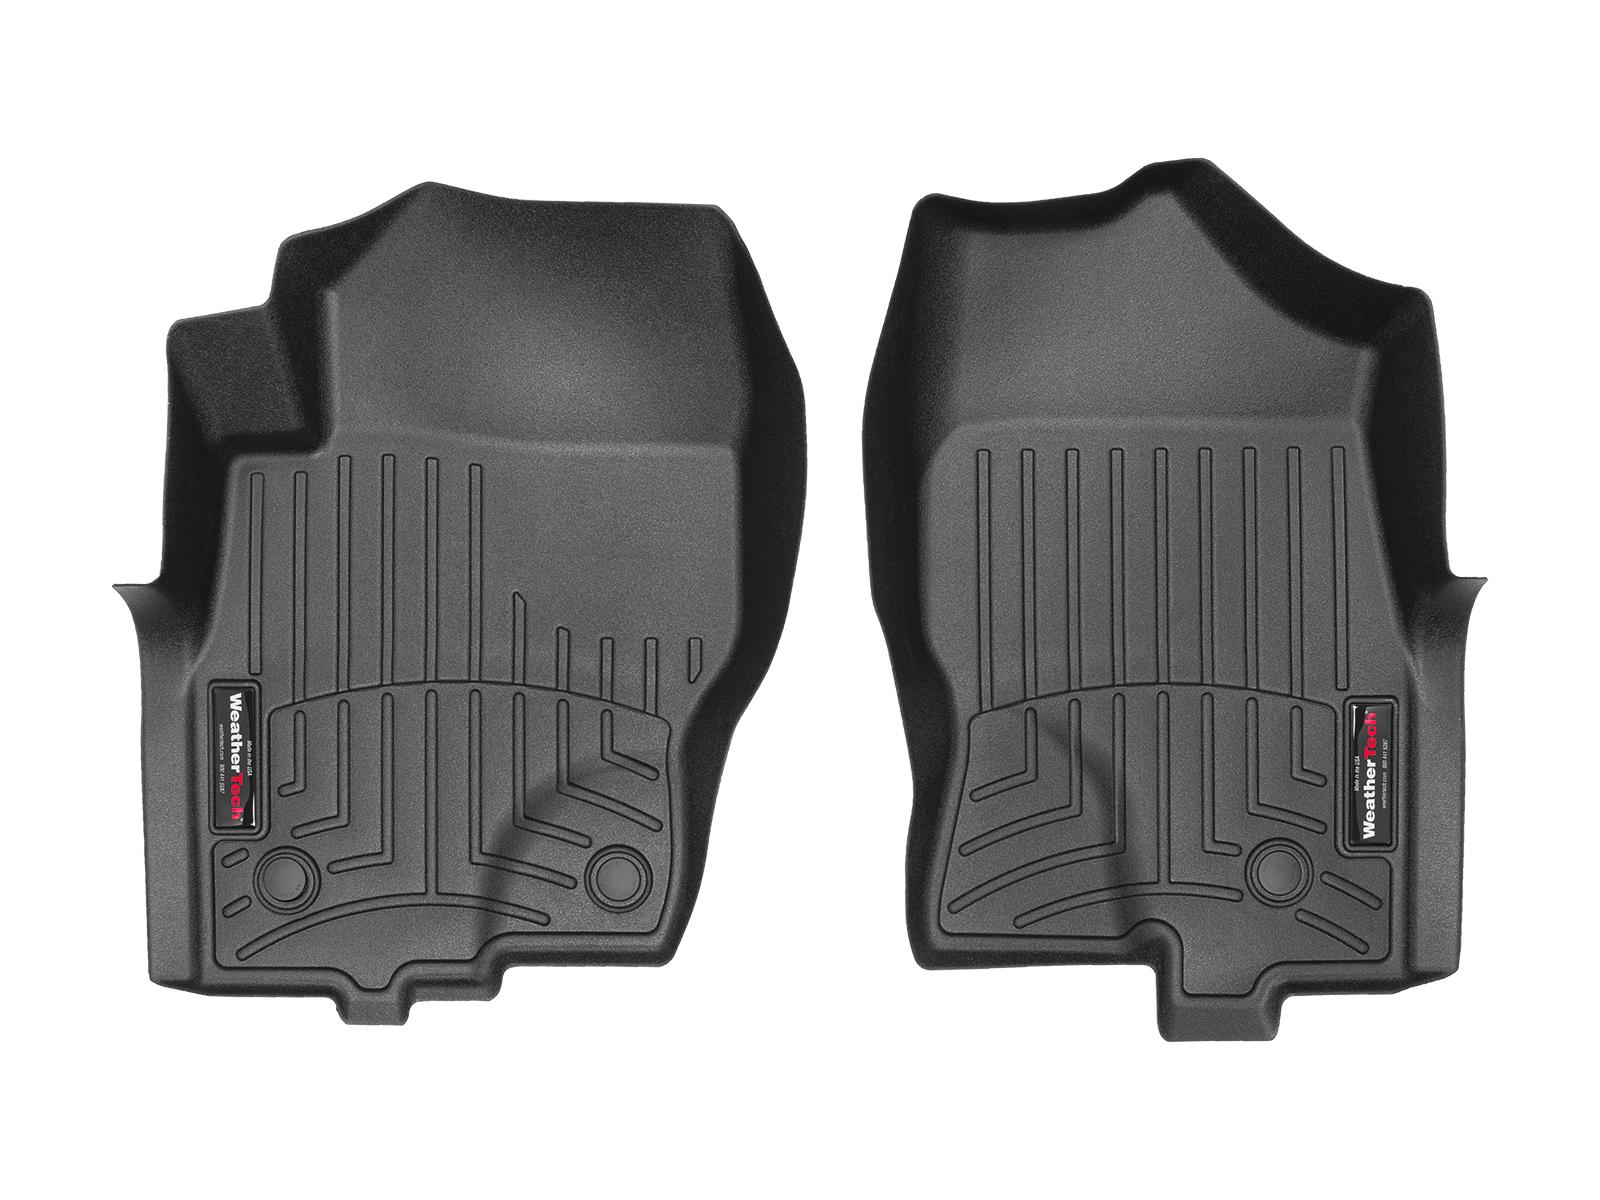 Tappeti gomma su misura bordo alto Nissan Pathfinder 10>15 Nero A2909